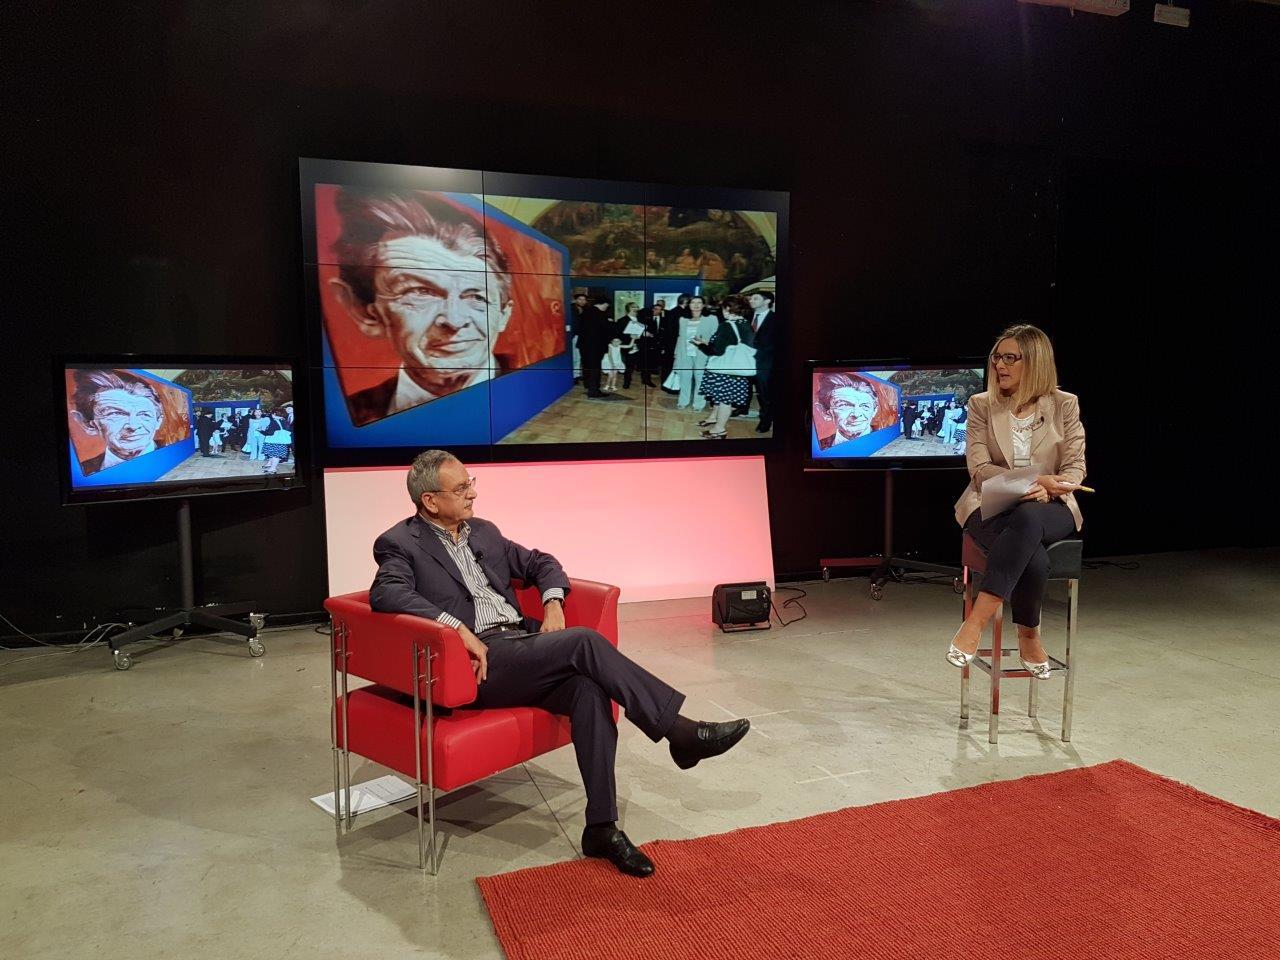 La toscana in parlamento pisa roma a r la puntata di for Canale camera dei deputati